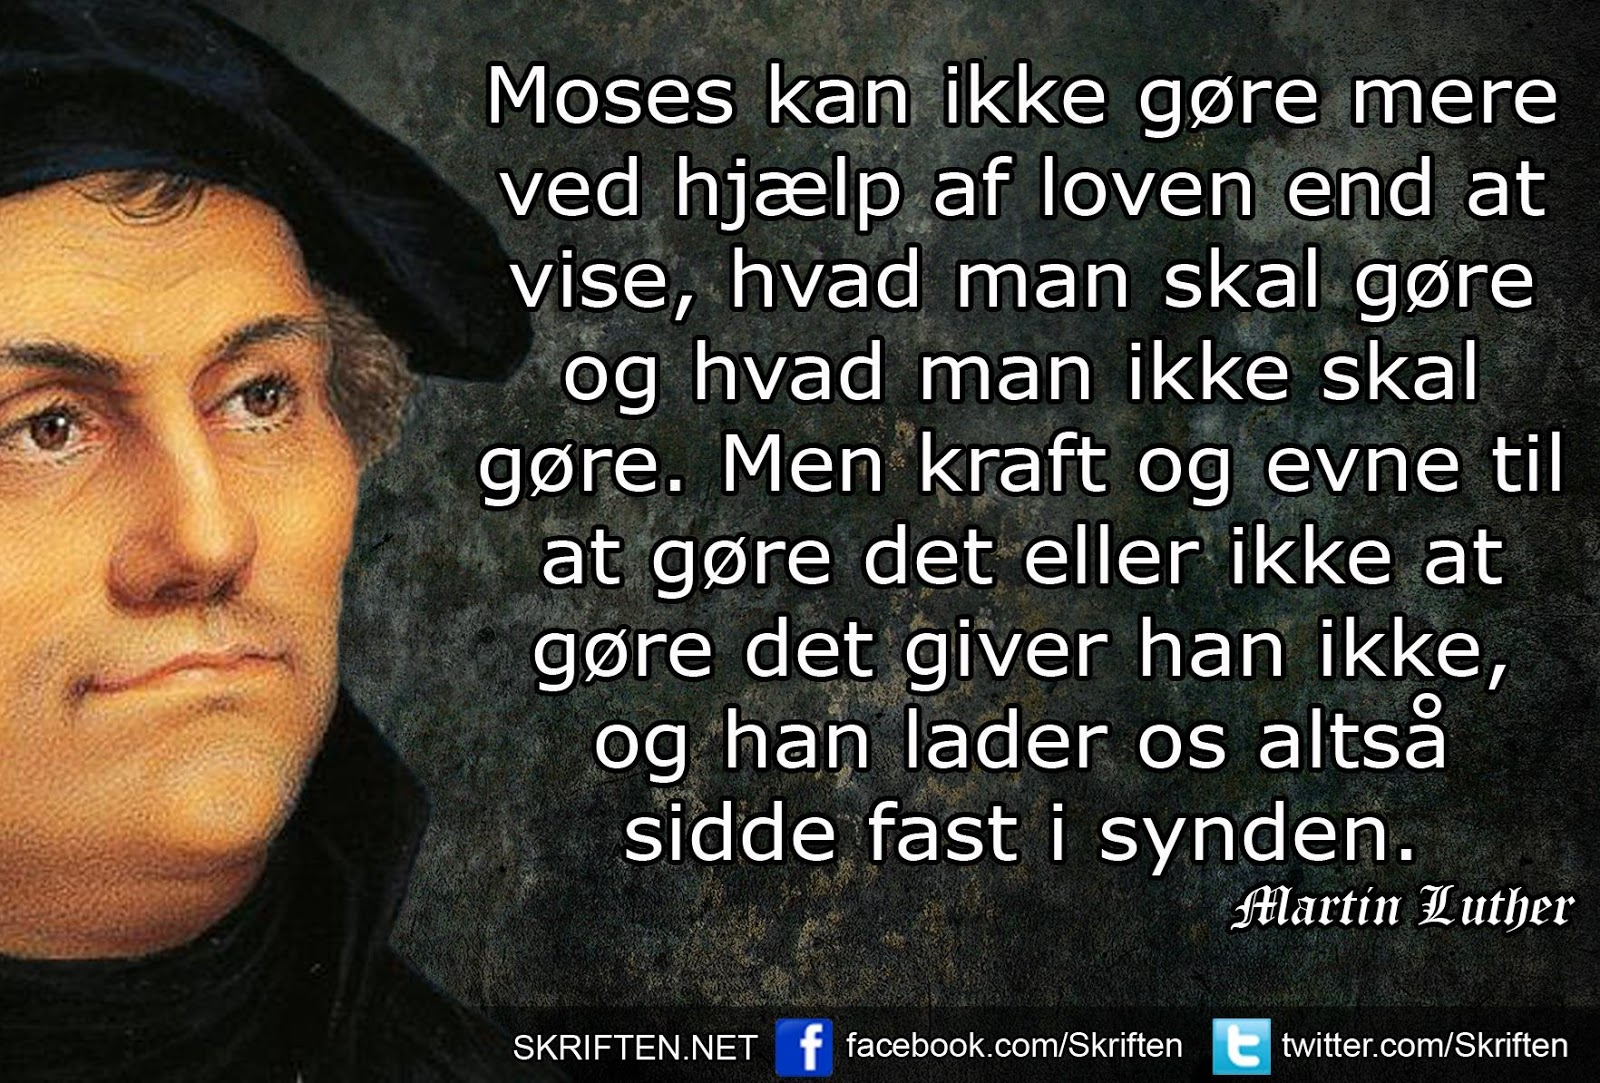 luther citater Nyhedsklip og Artikler: Citat af Martin Luther. luther citater